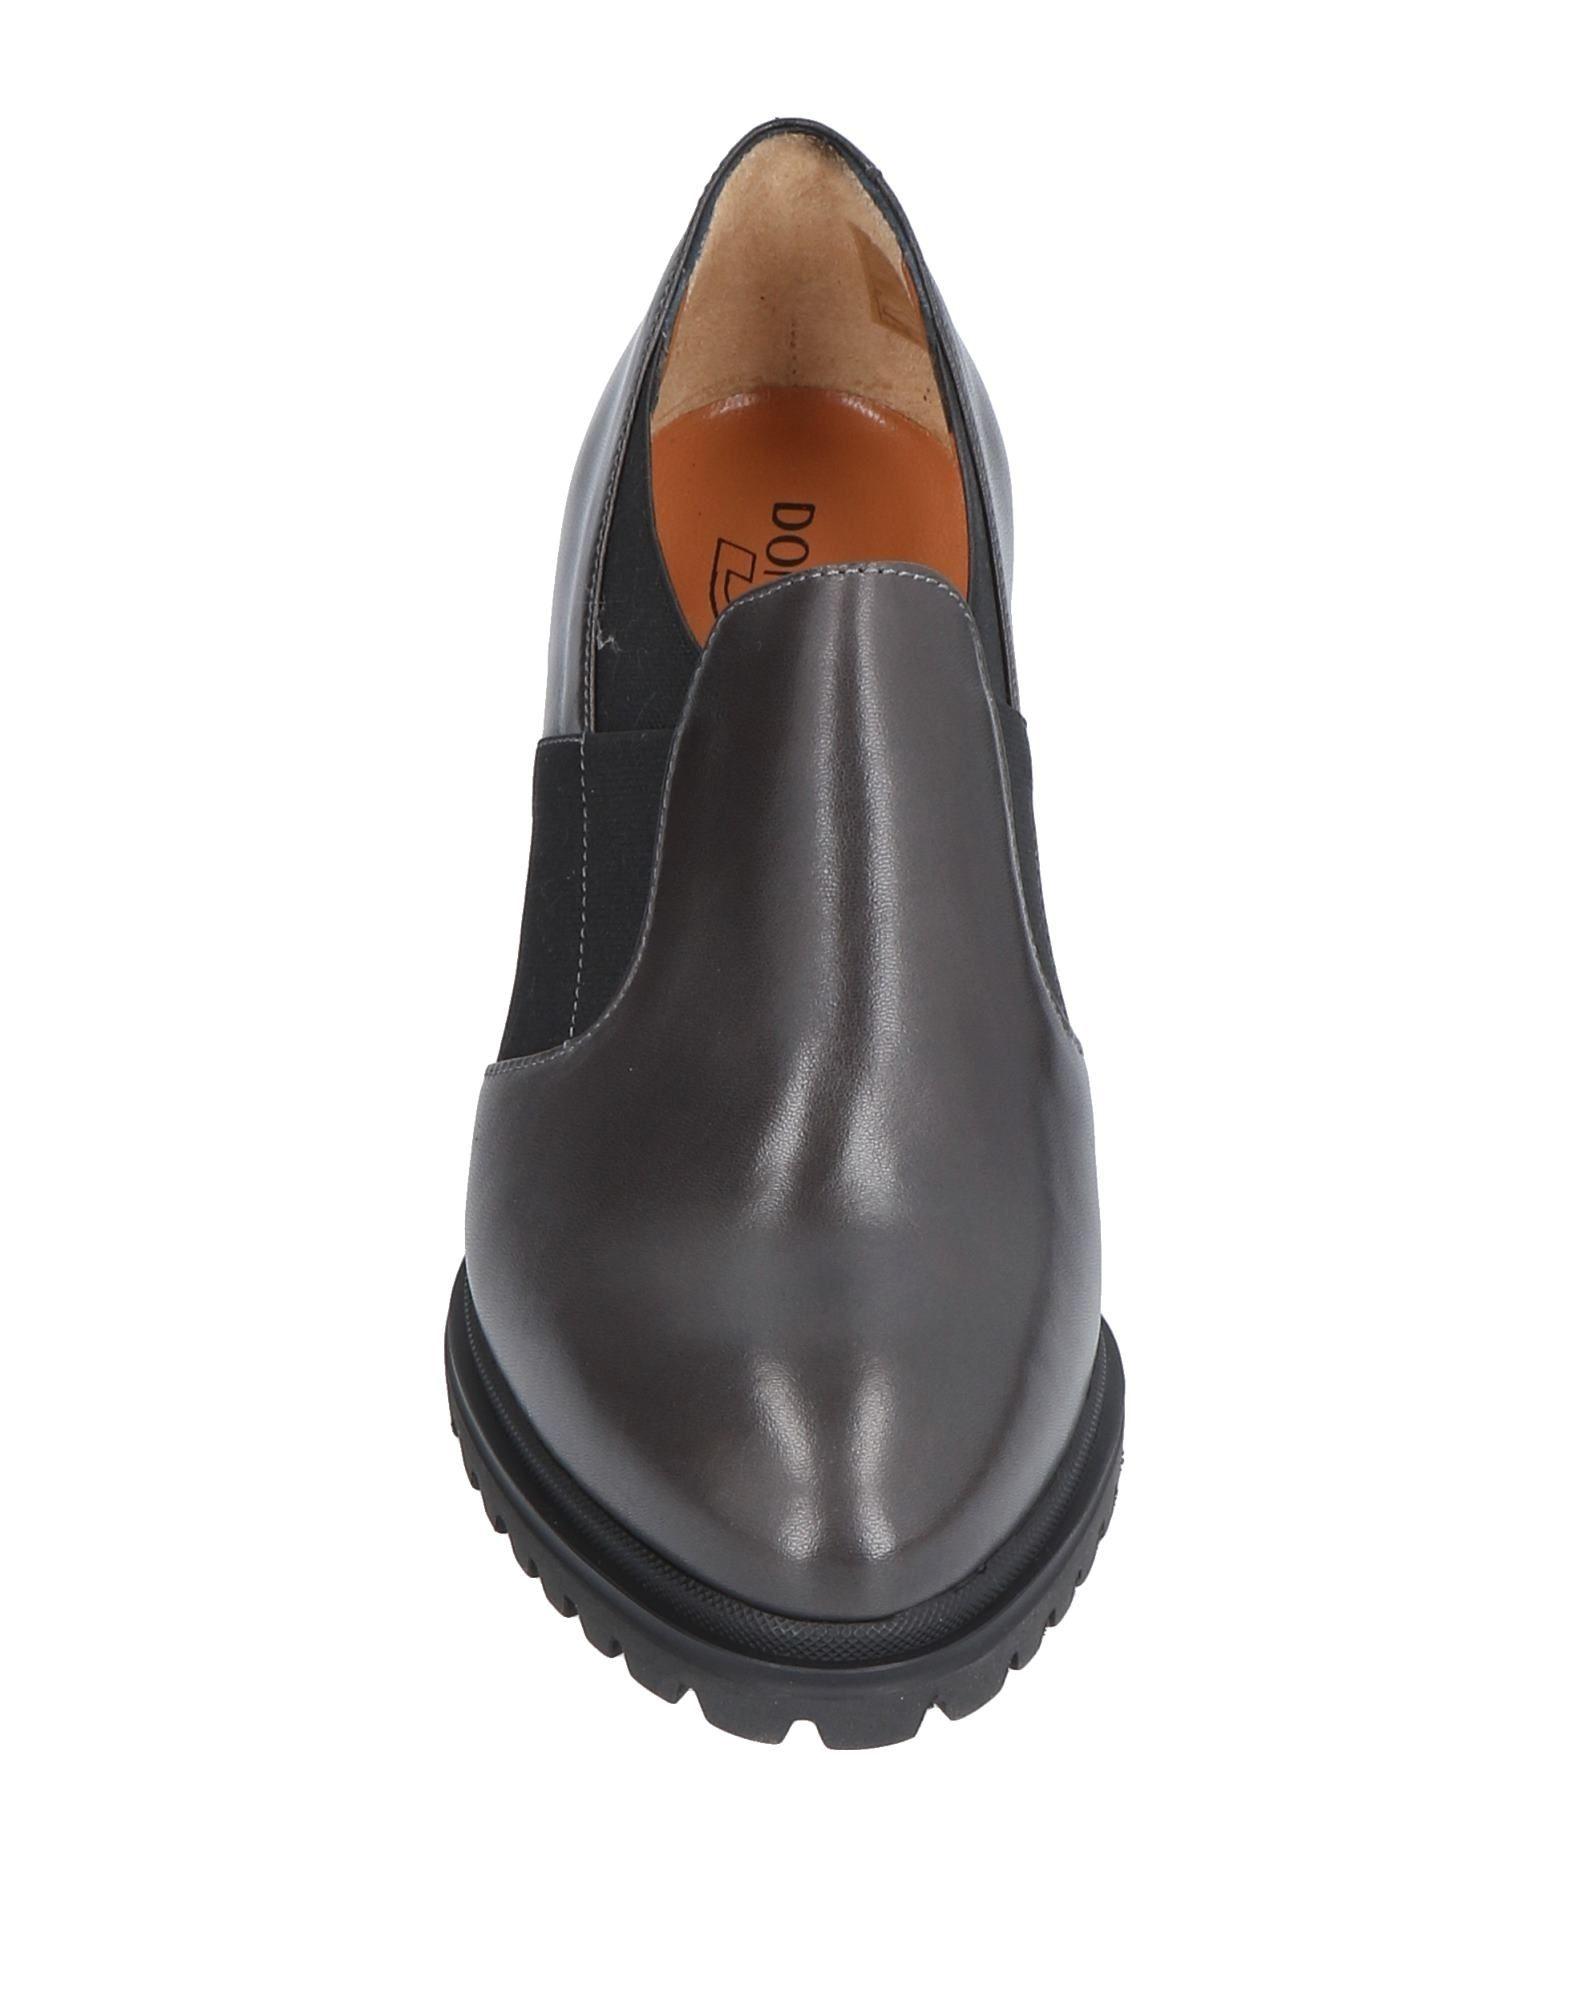 Donna Soft Mokassins Damen  11487016KK Gute Qualität beliebte Schuhe